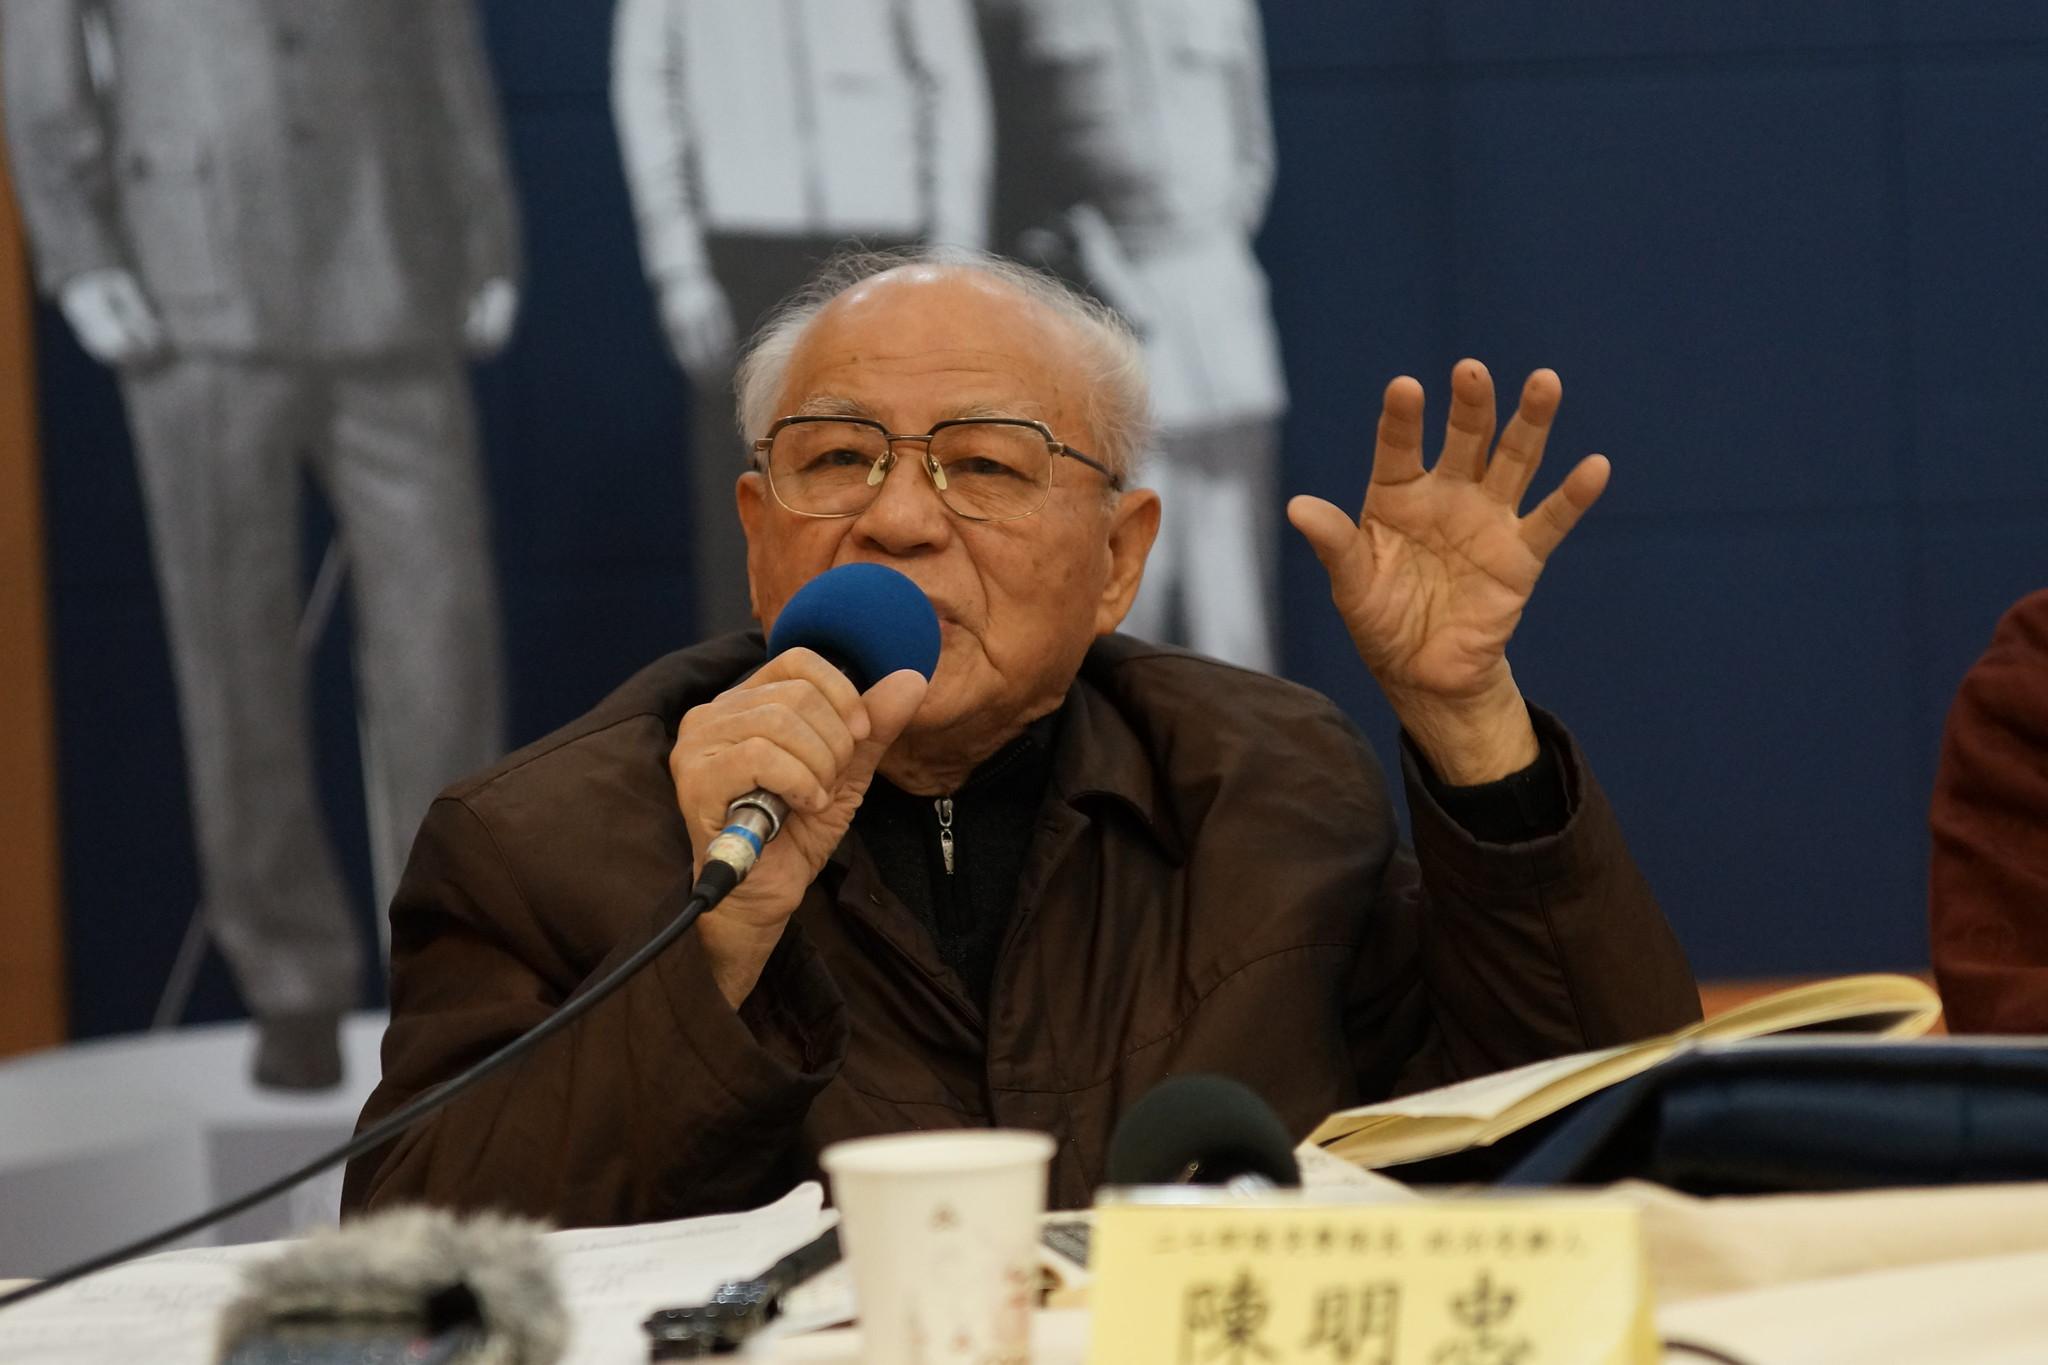 參與「二七部隊」突擊隊陳明忠表示二二八是「兵逼民反」。(攝影:王顥中)